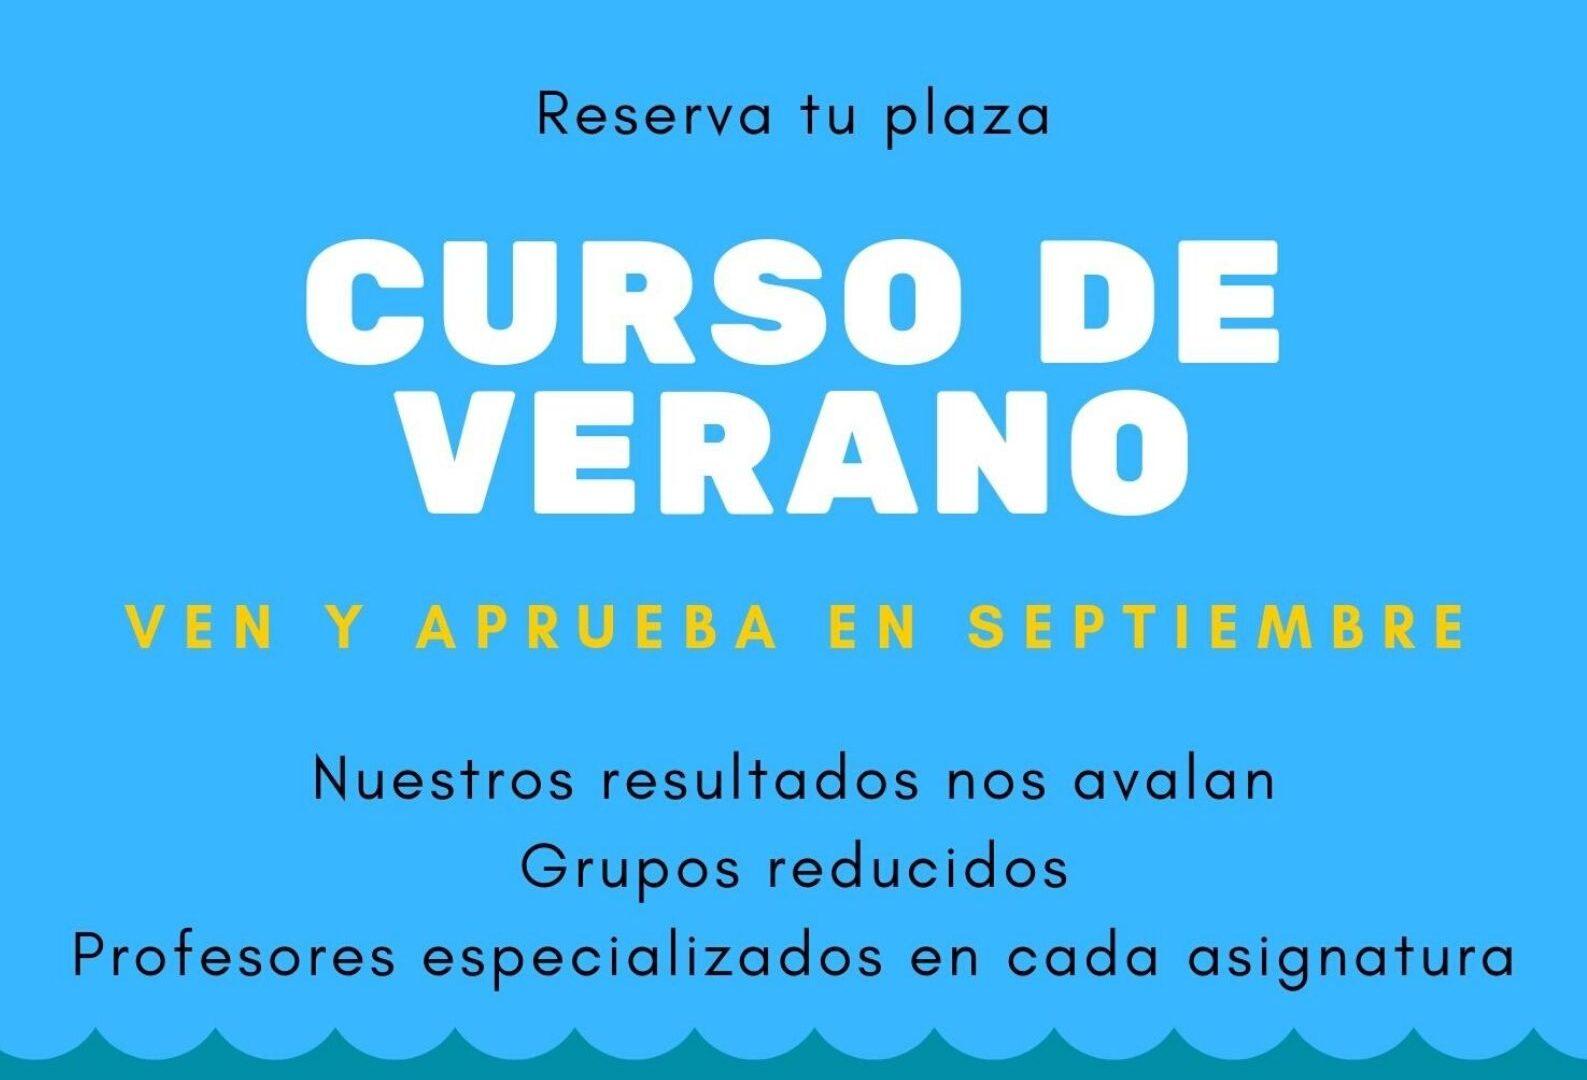 CURSO DE VERANO (JULIO y AGOSTO)